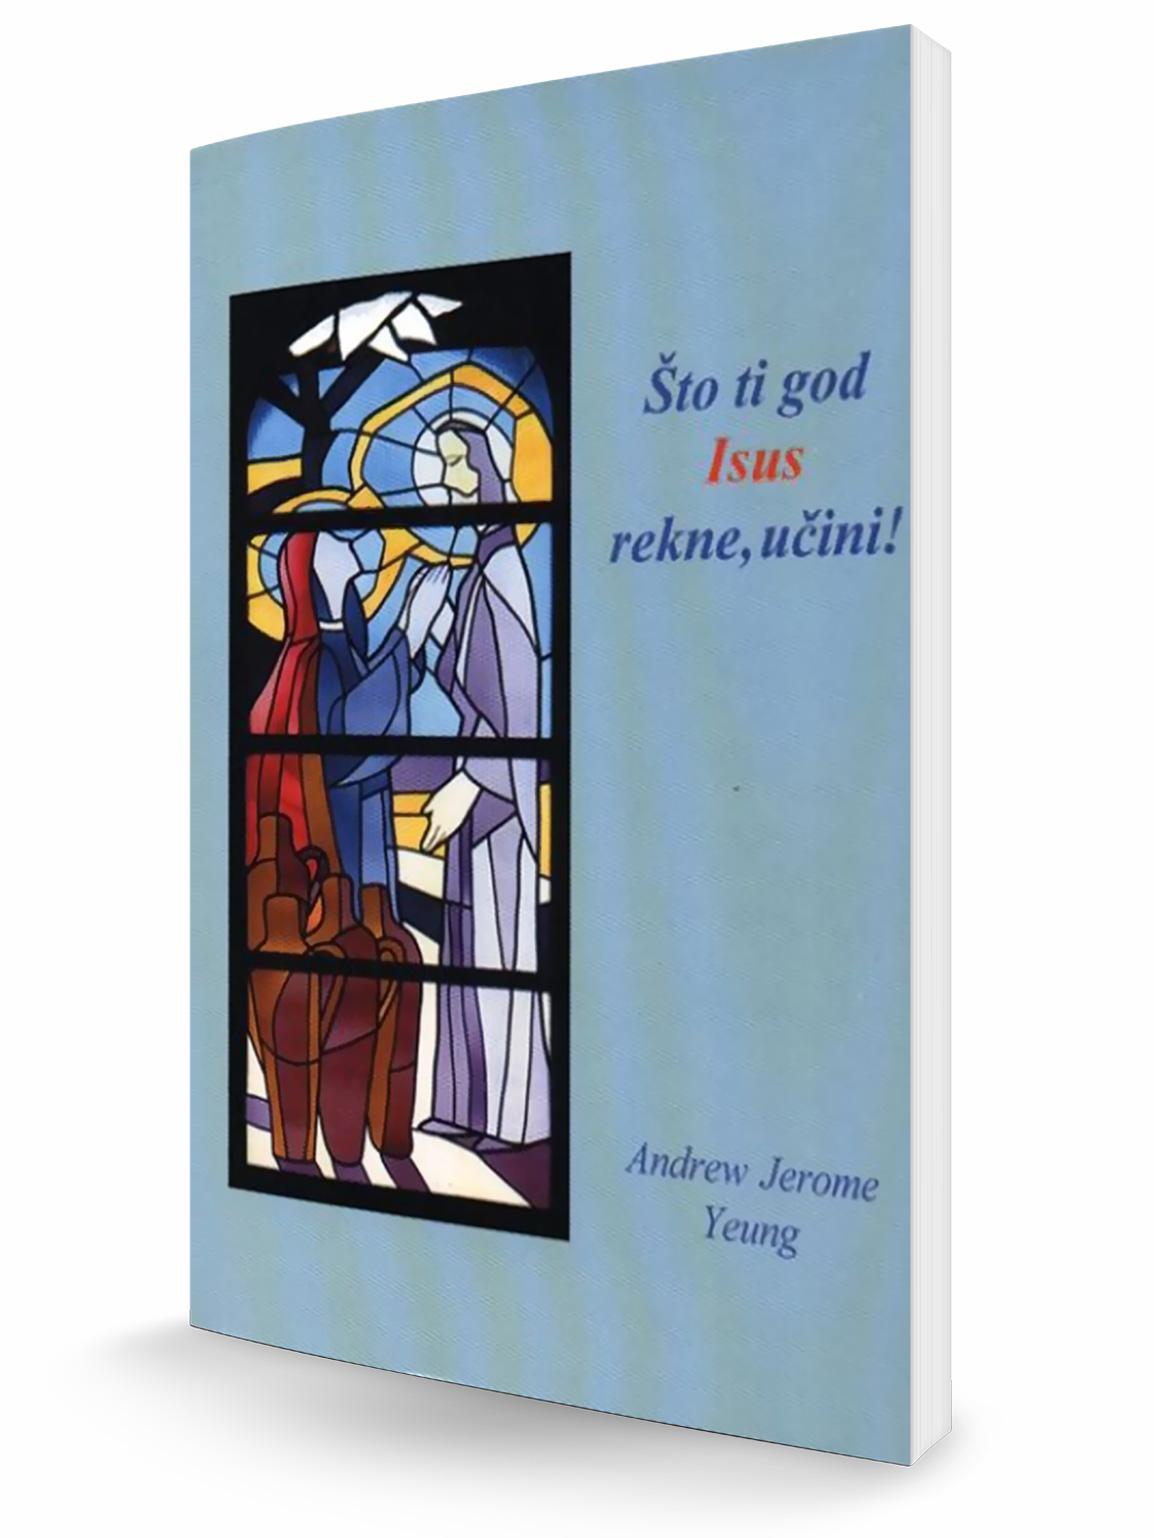 ŠTO GOD TI ISUS REKNE, UČINI! - Andrew Jerome Young